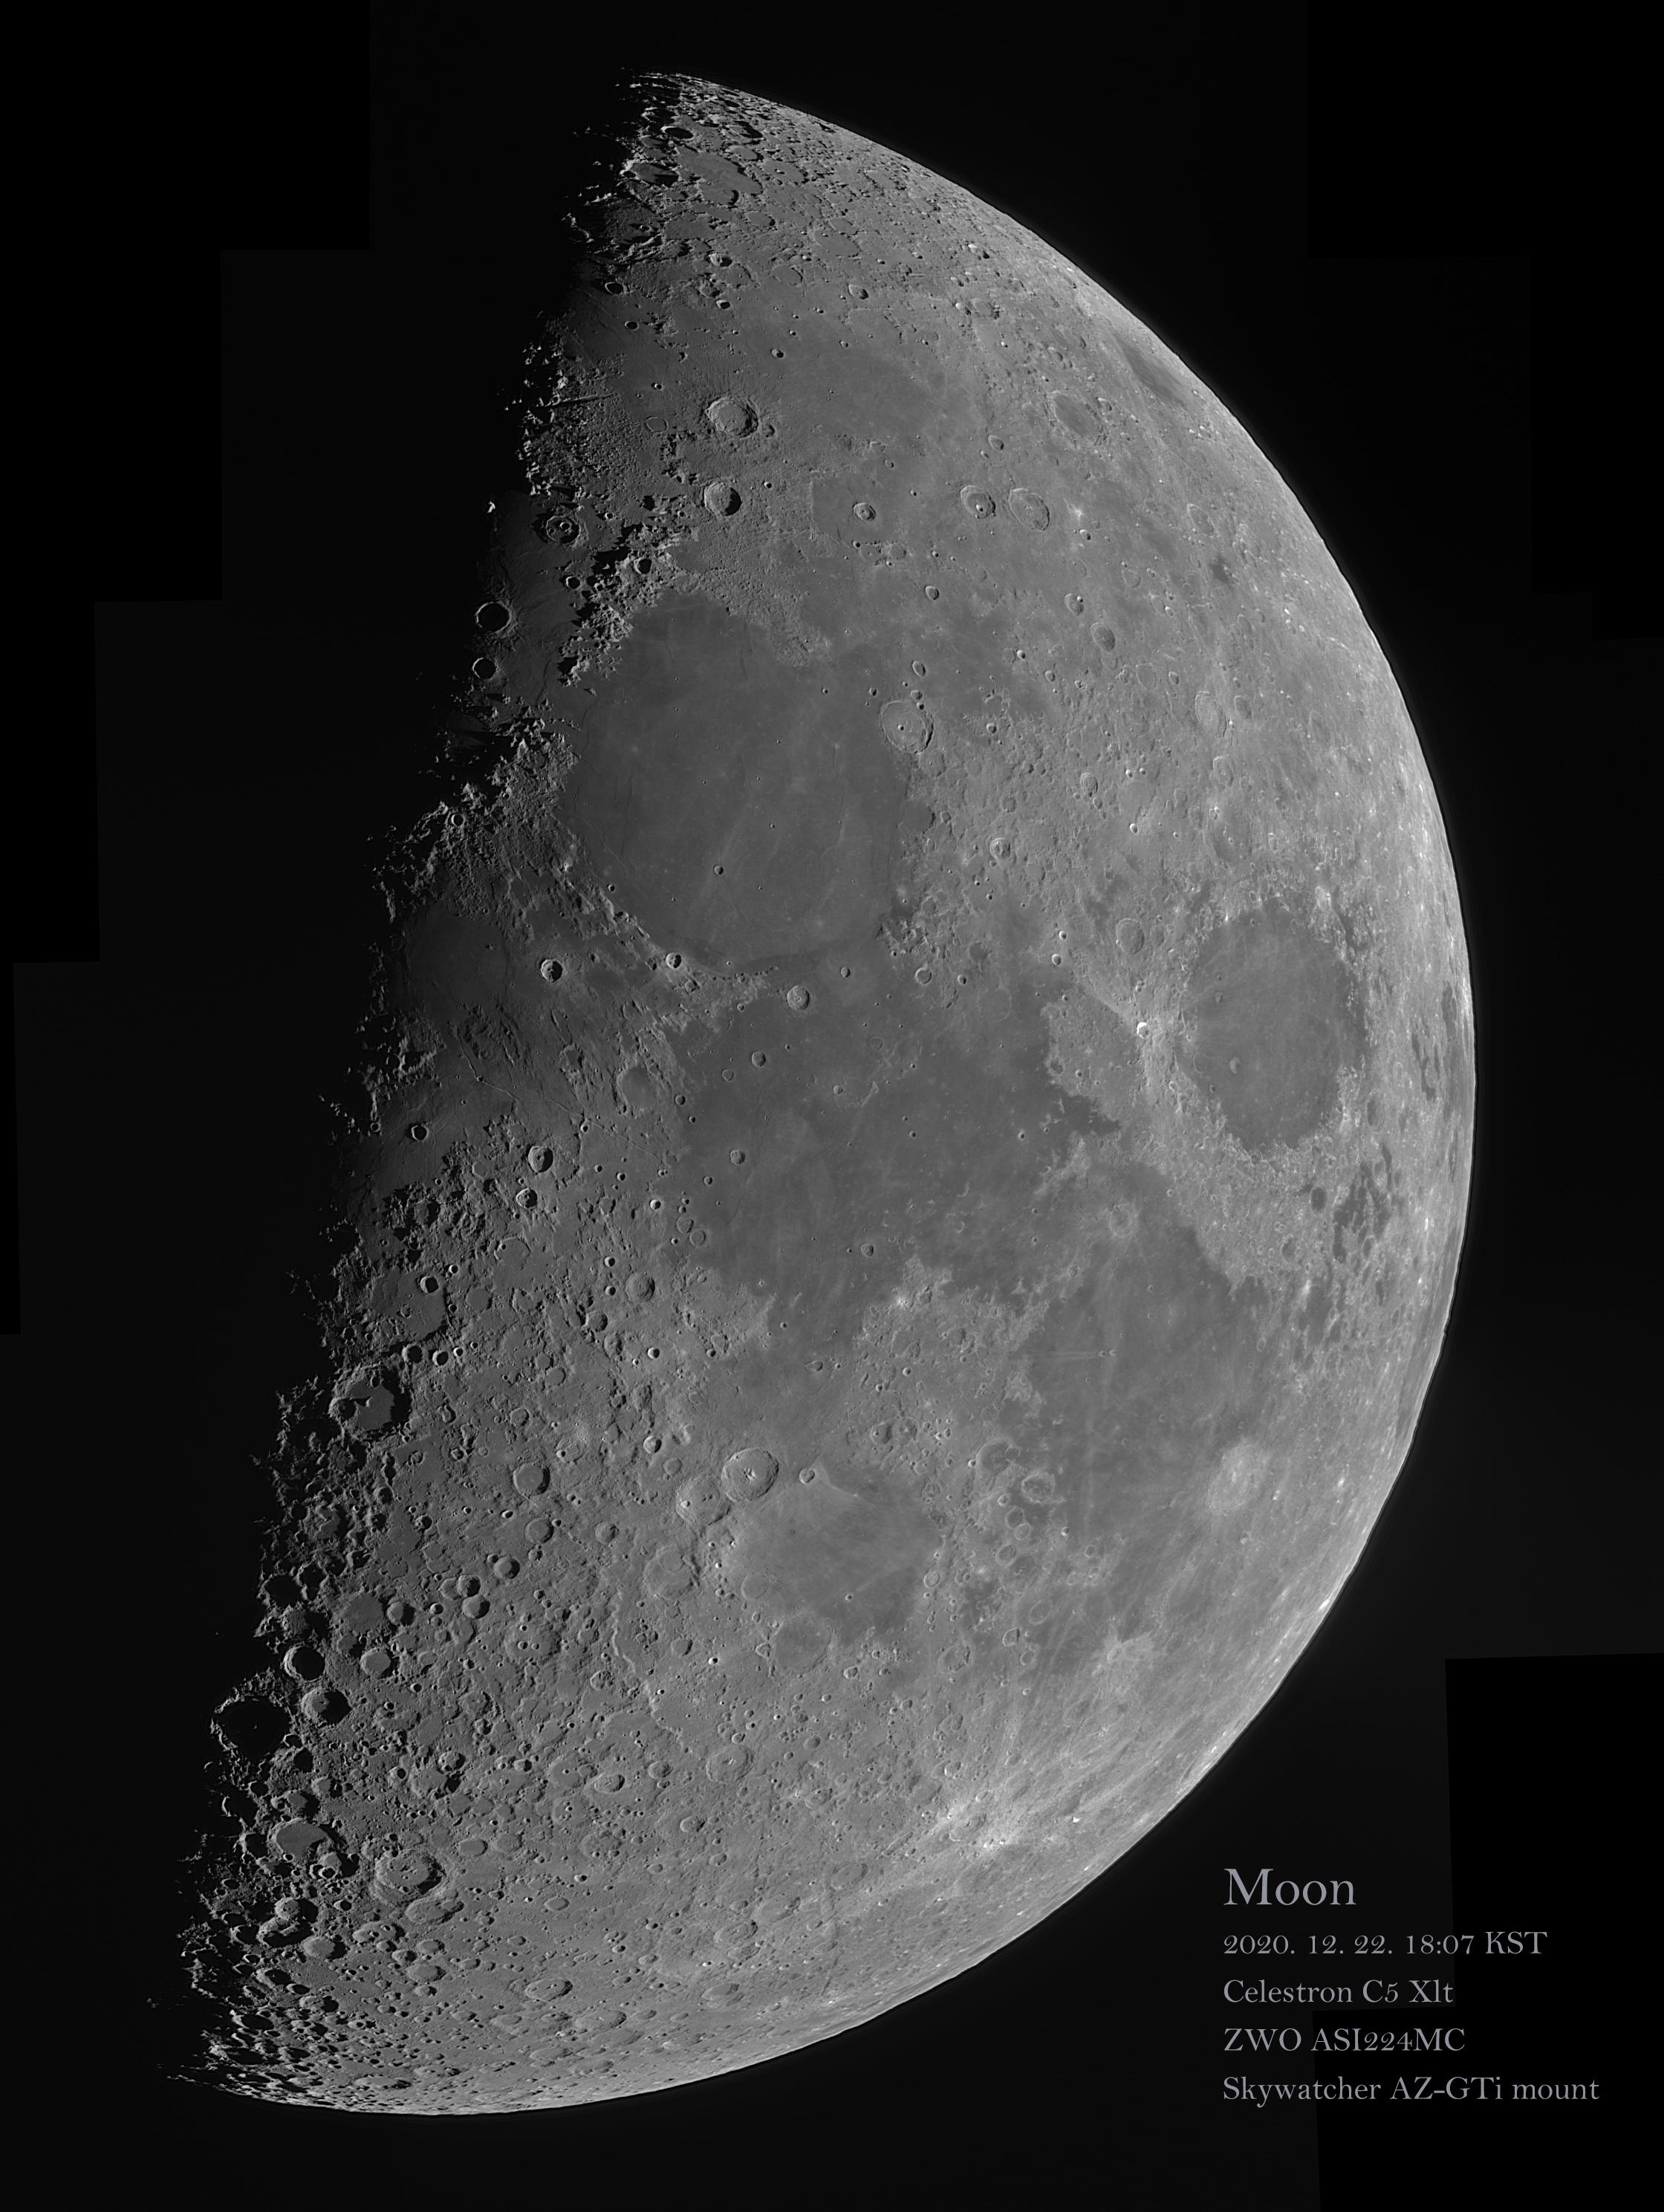 2020-12-22-Moon.jpg